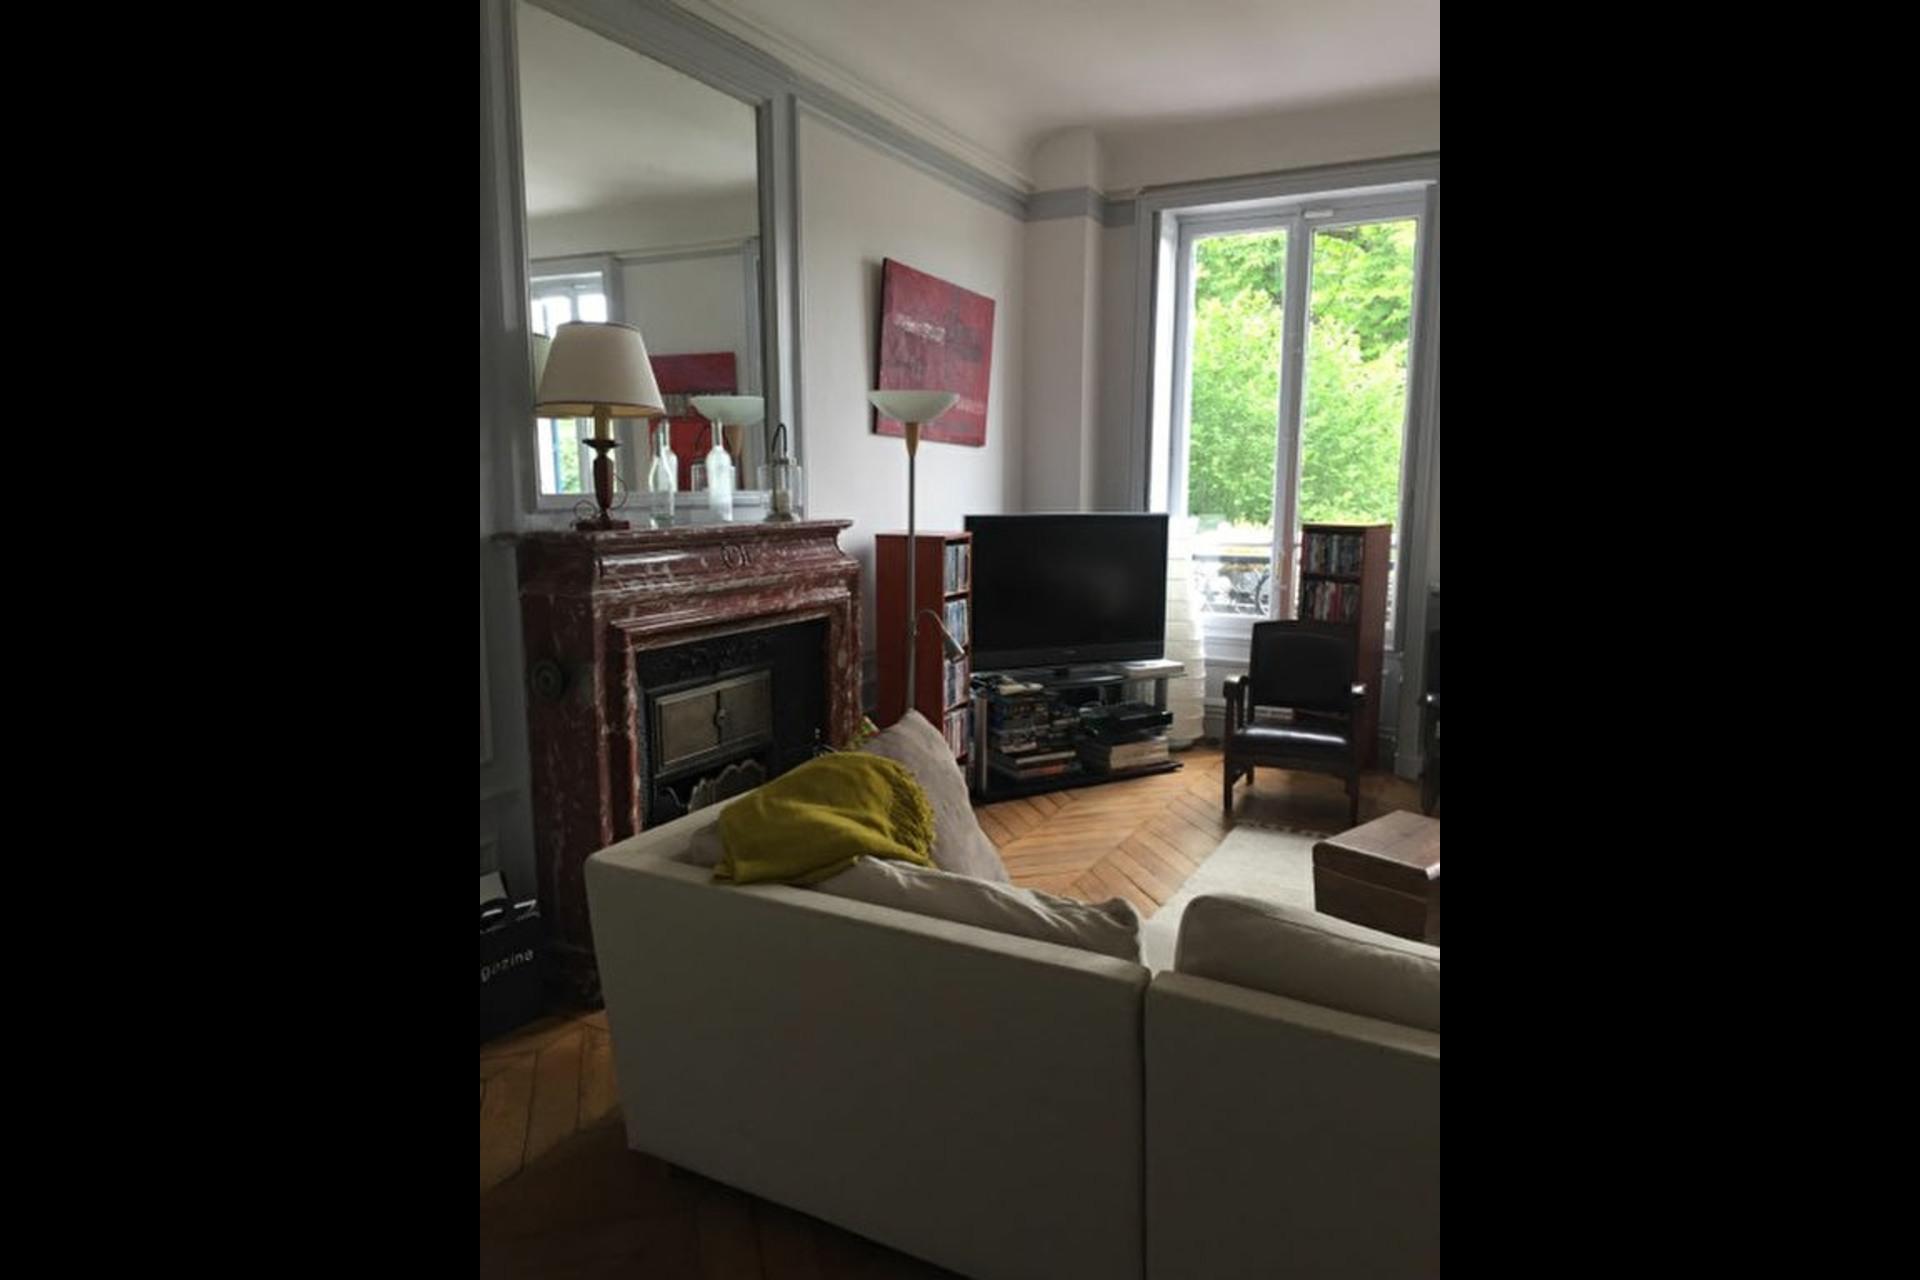 image 5 - Appartement À louer saint germain en laye - 6 pièces